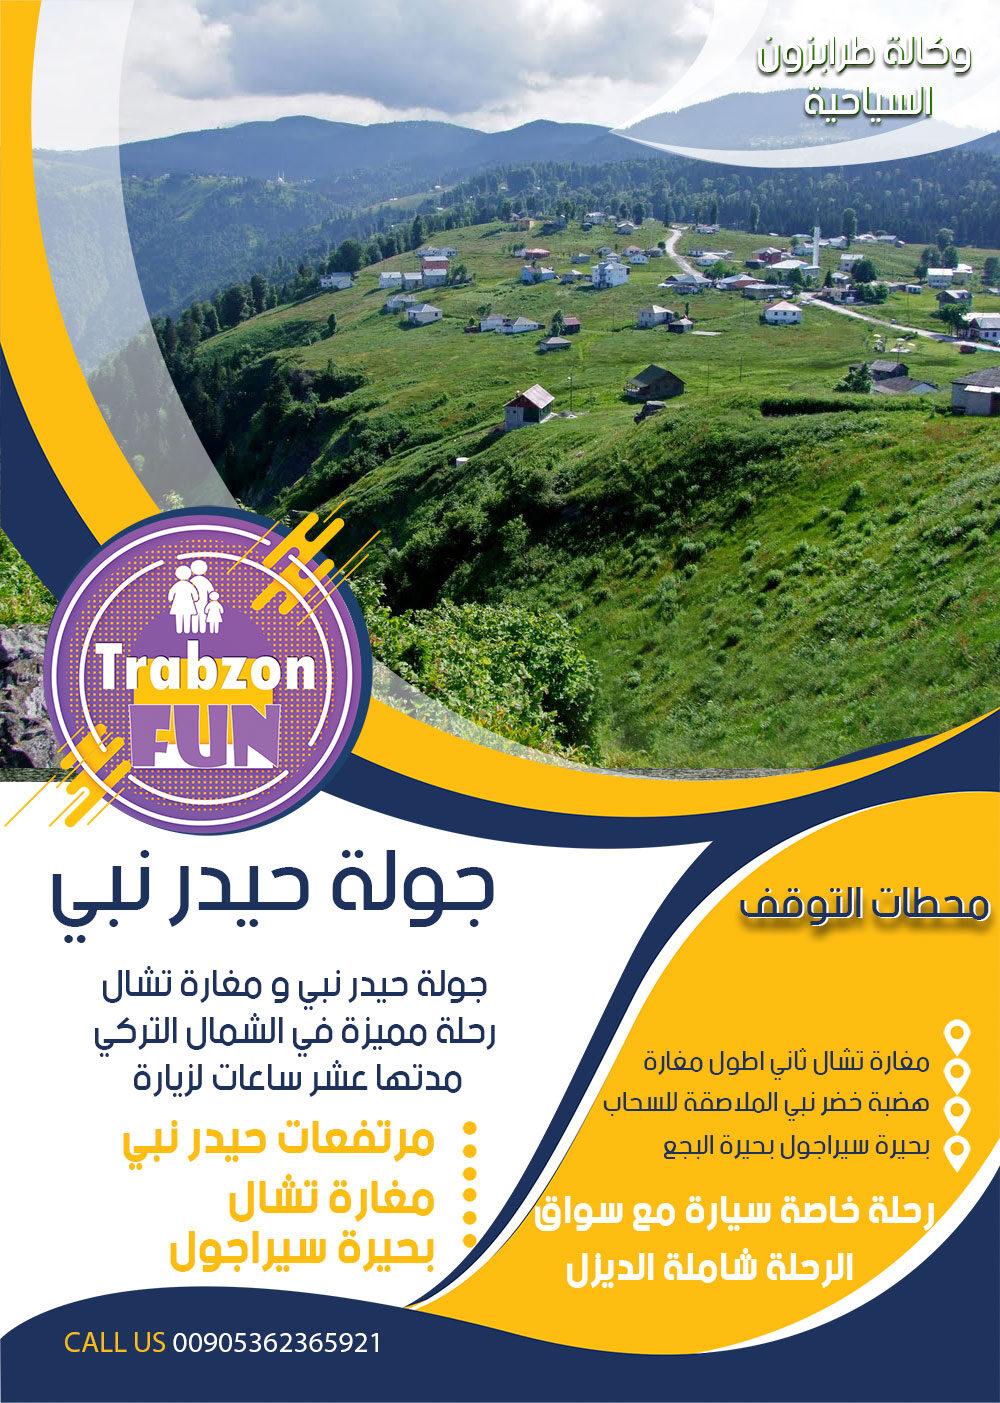 برنامج حيدر نبي, رحلات في طرابزون